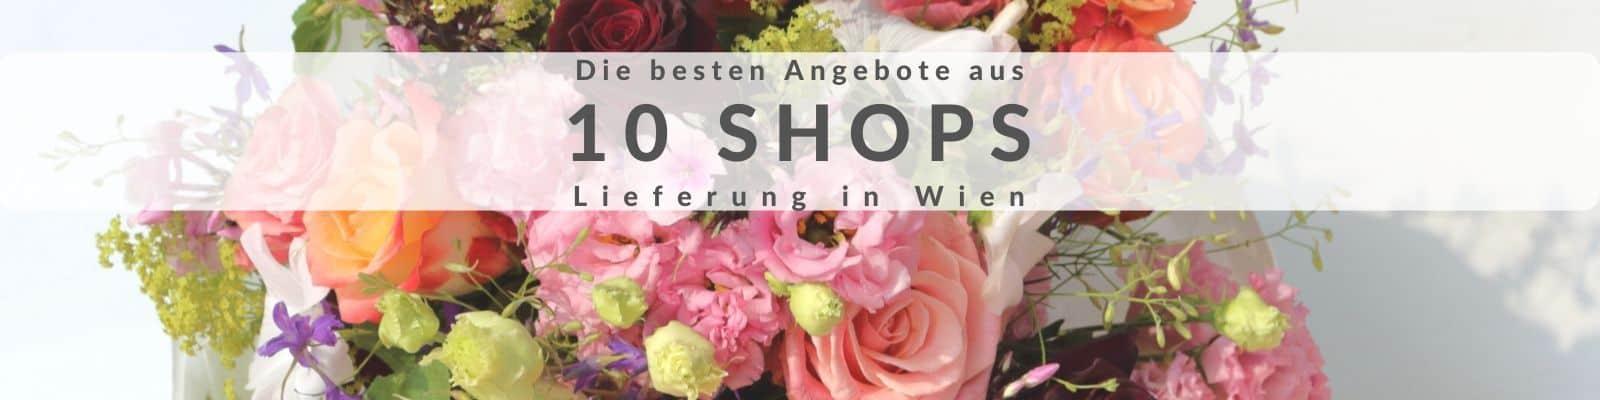 Blumenversand Wien - Blumen verschicken Wien